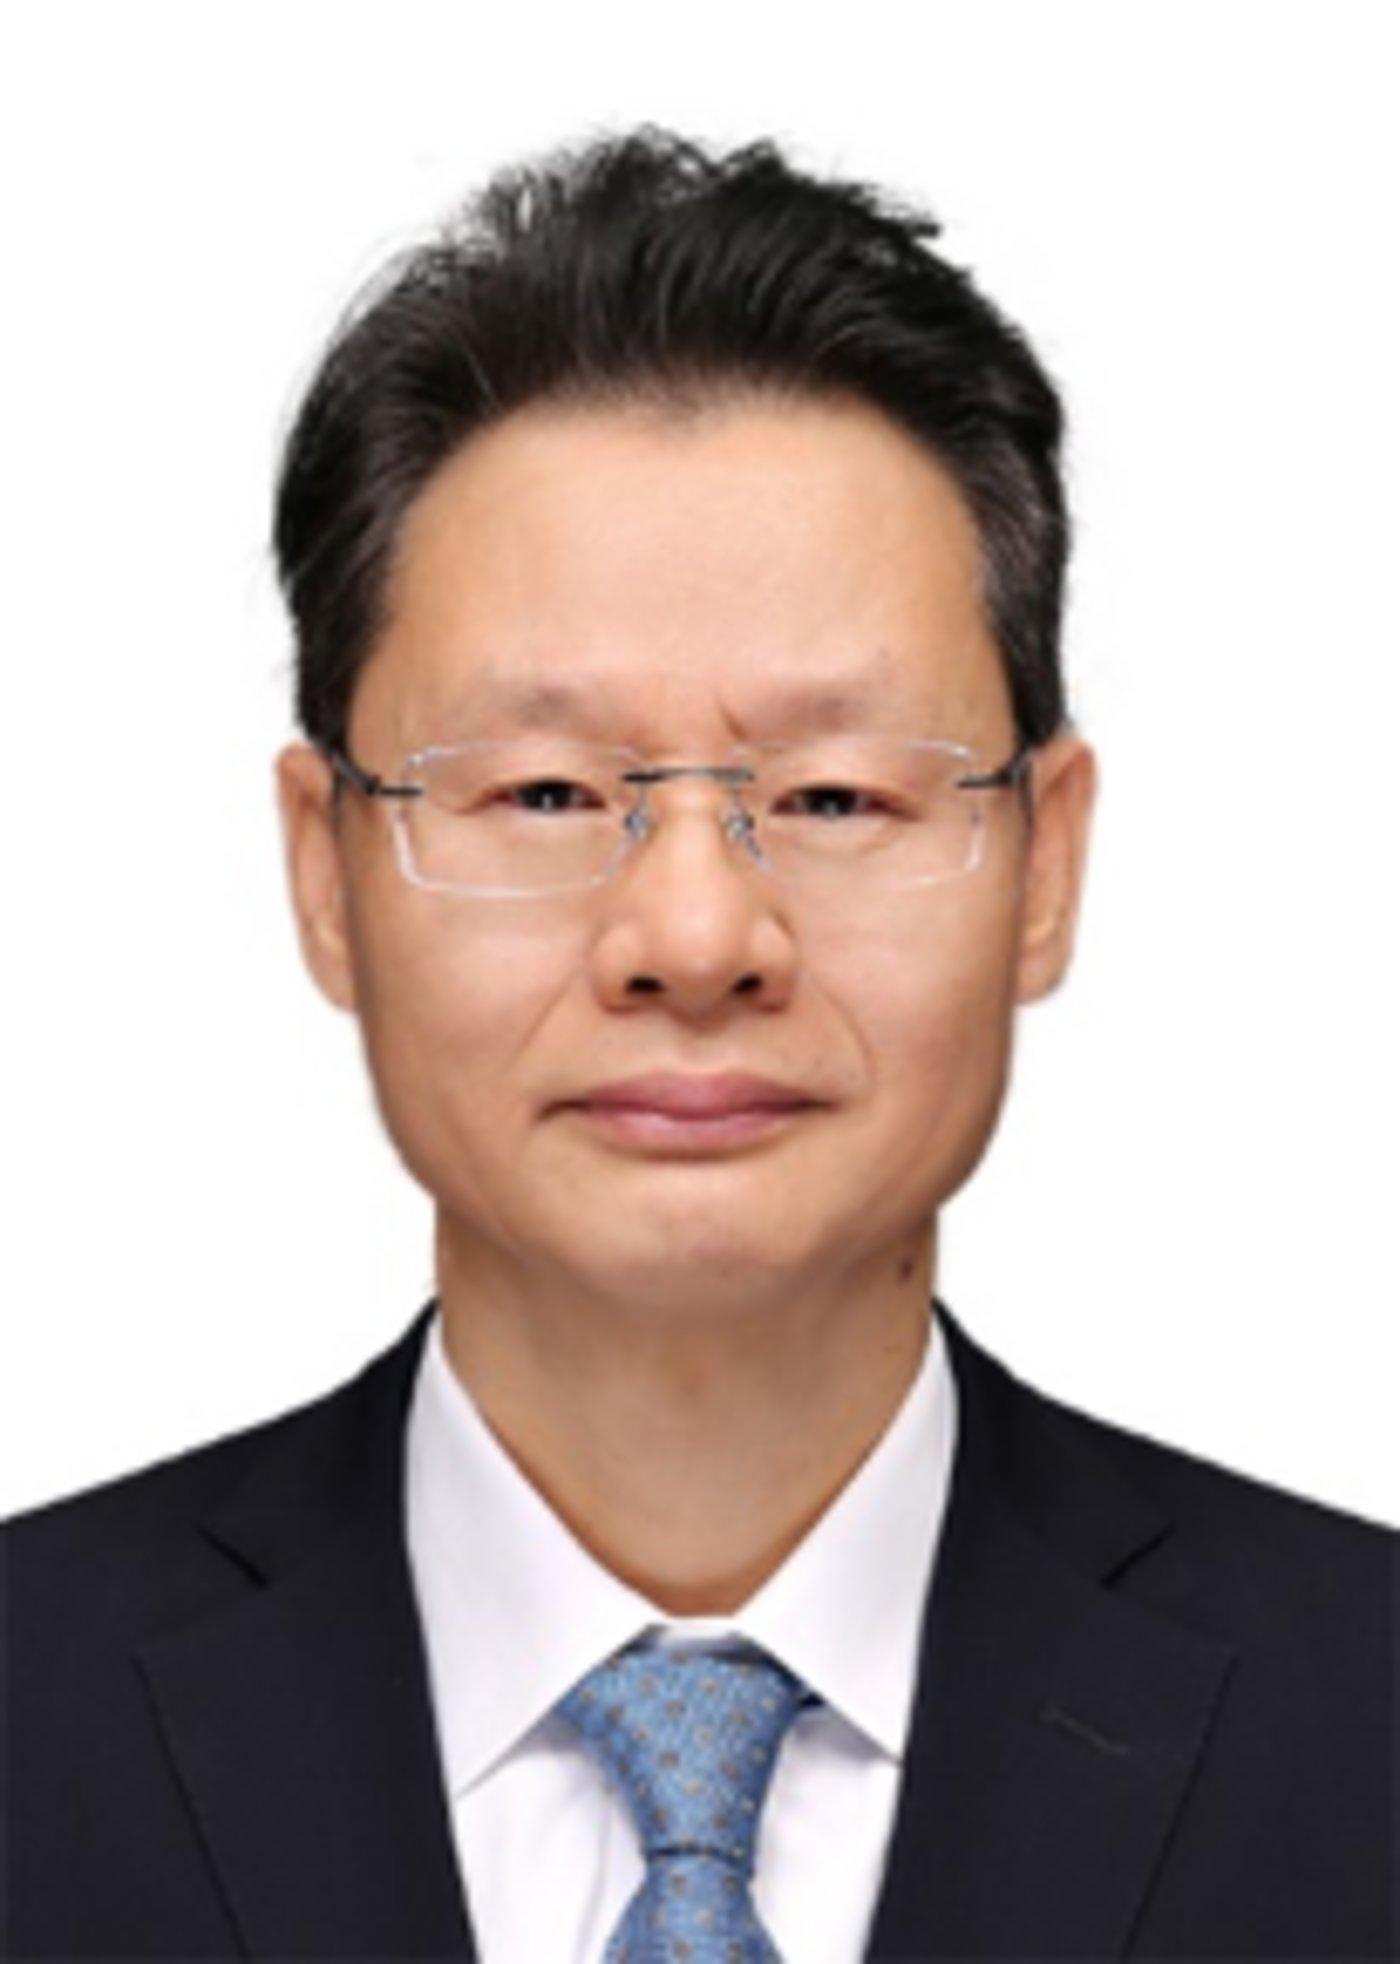 中国海外发展有限公司数字科技部总经理李红卫